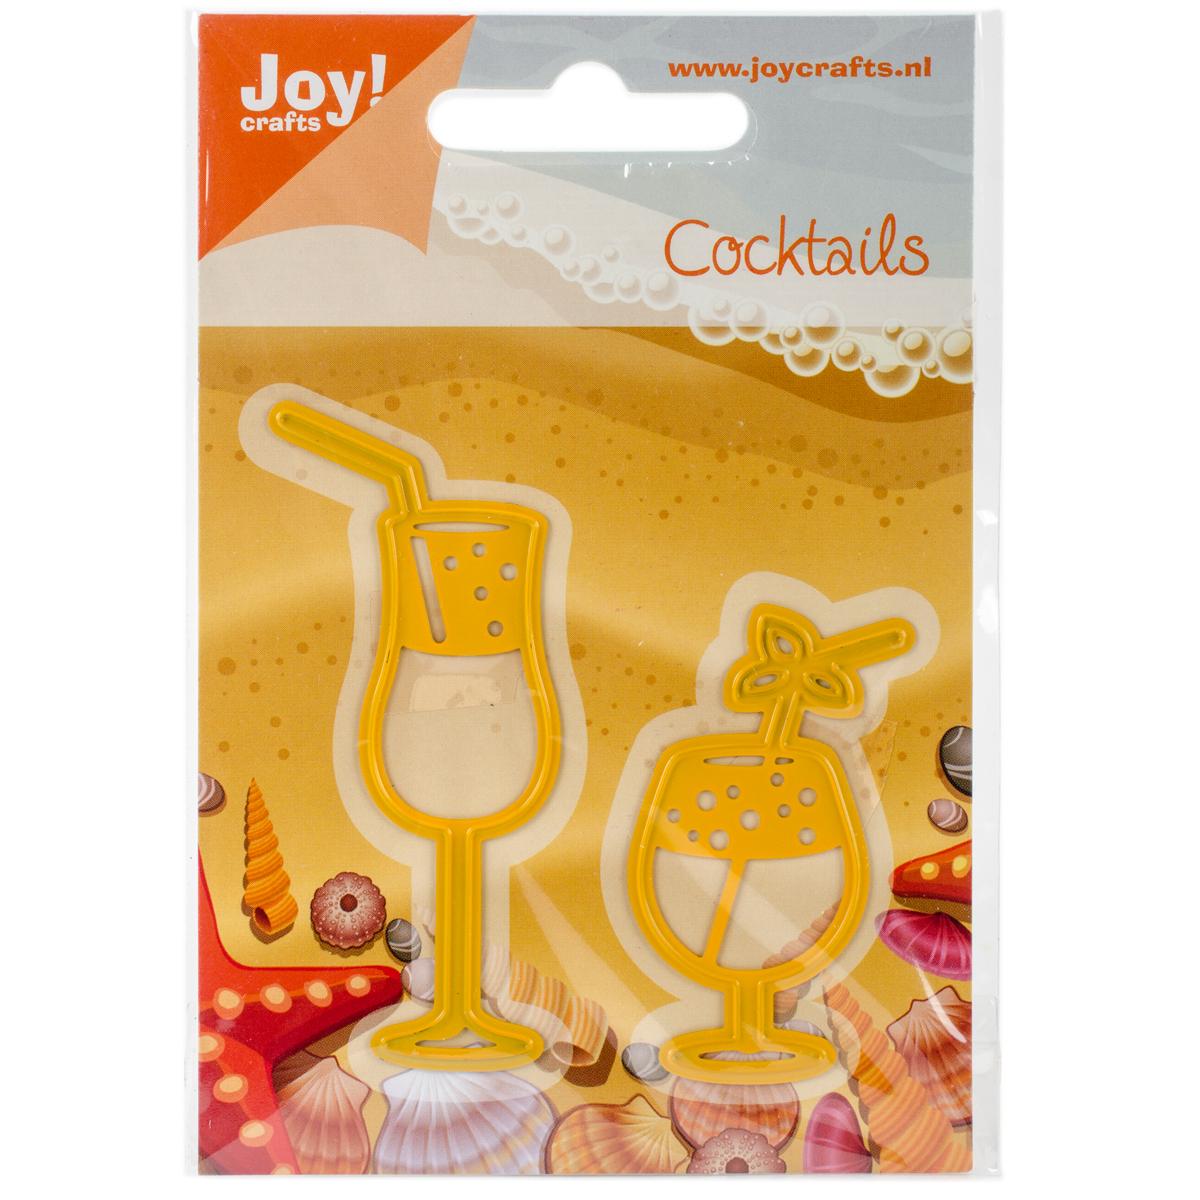 Joy! Crafts Cut & Emboss Die-Drinking Glasses 1